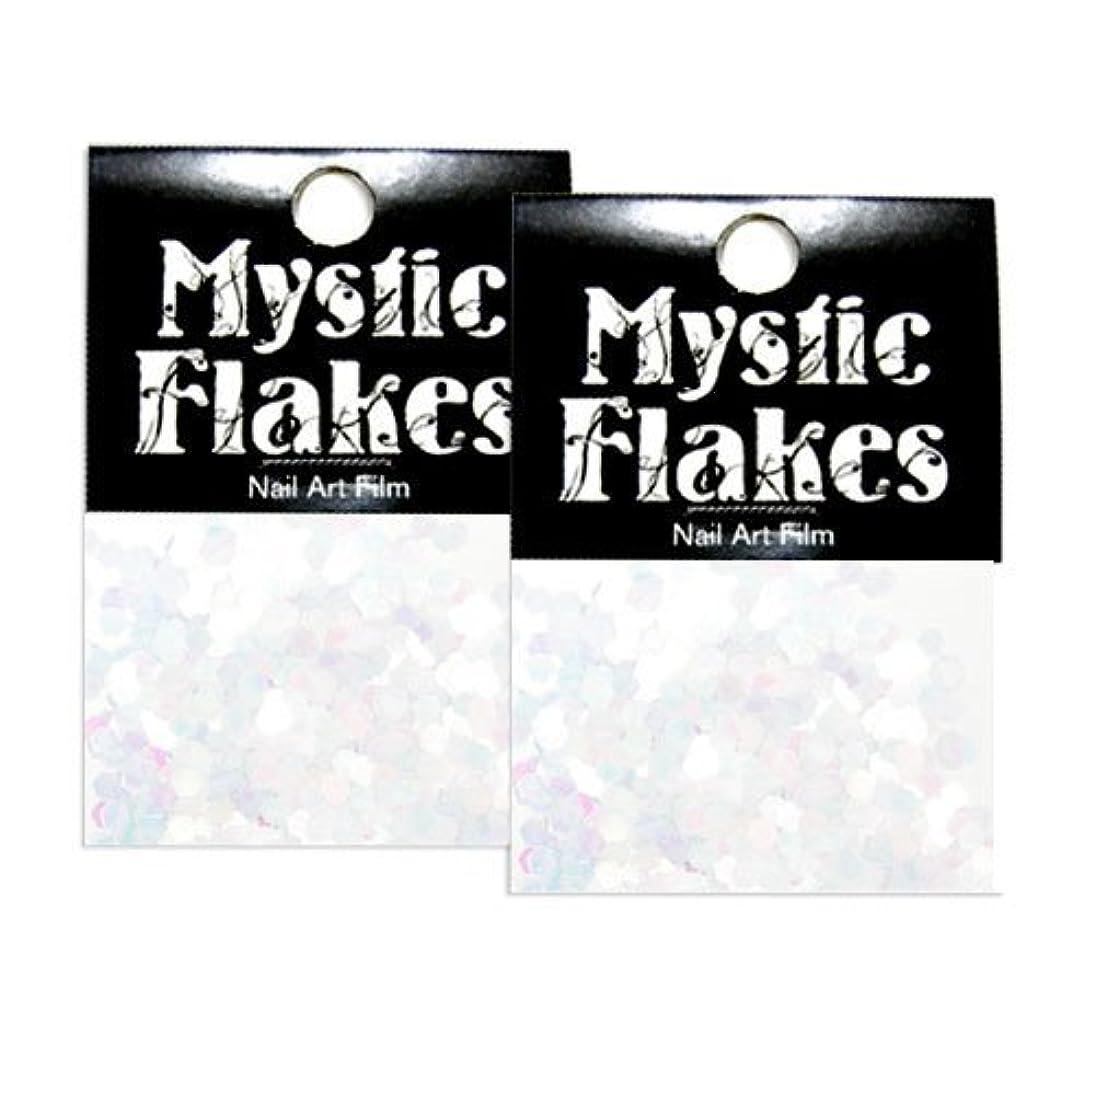 ミスティックフレース ネイル用ストーン パステルホワイト ヘキサゴン 2.5mm 0.5g 2個セット